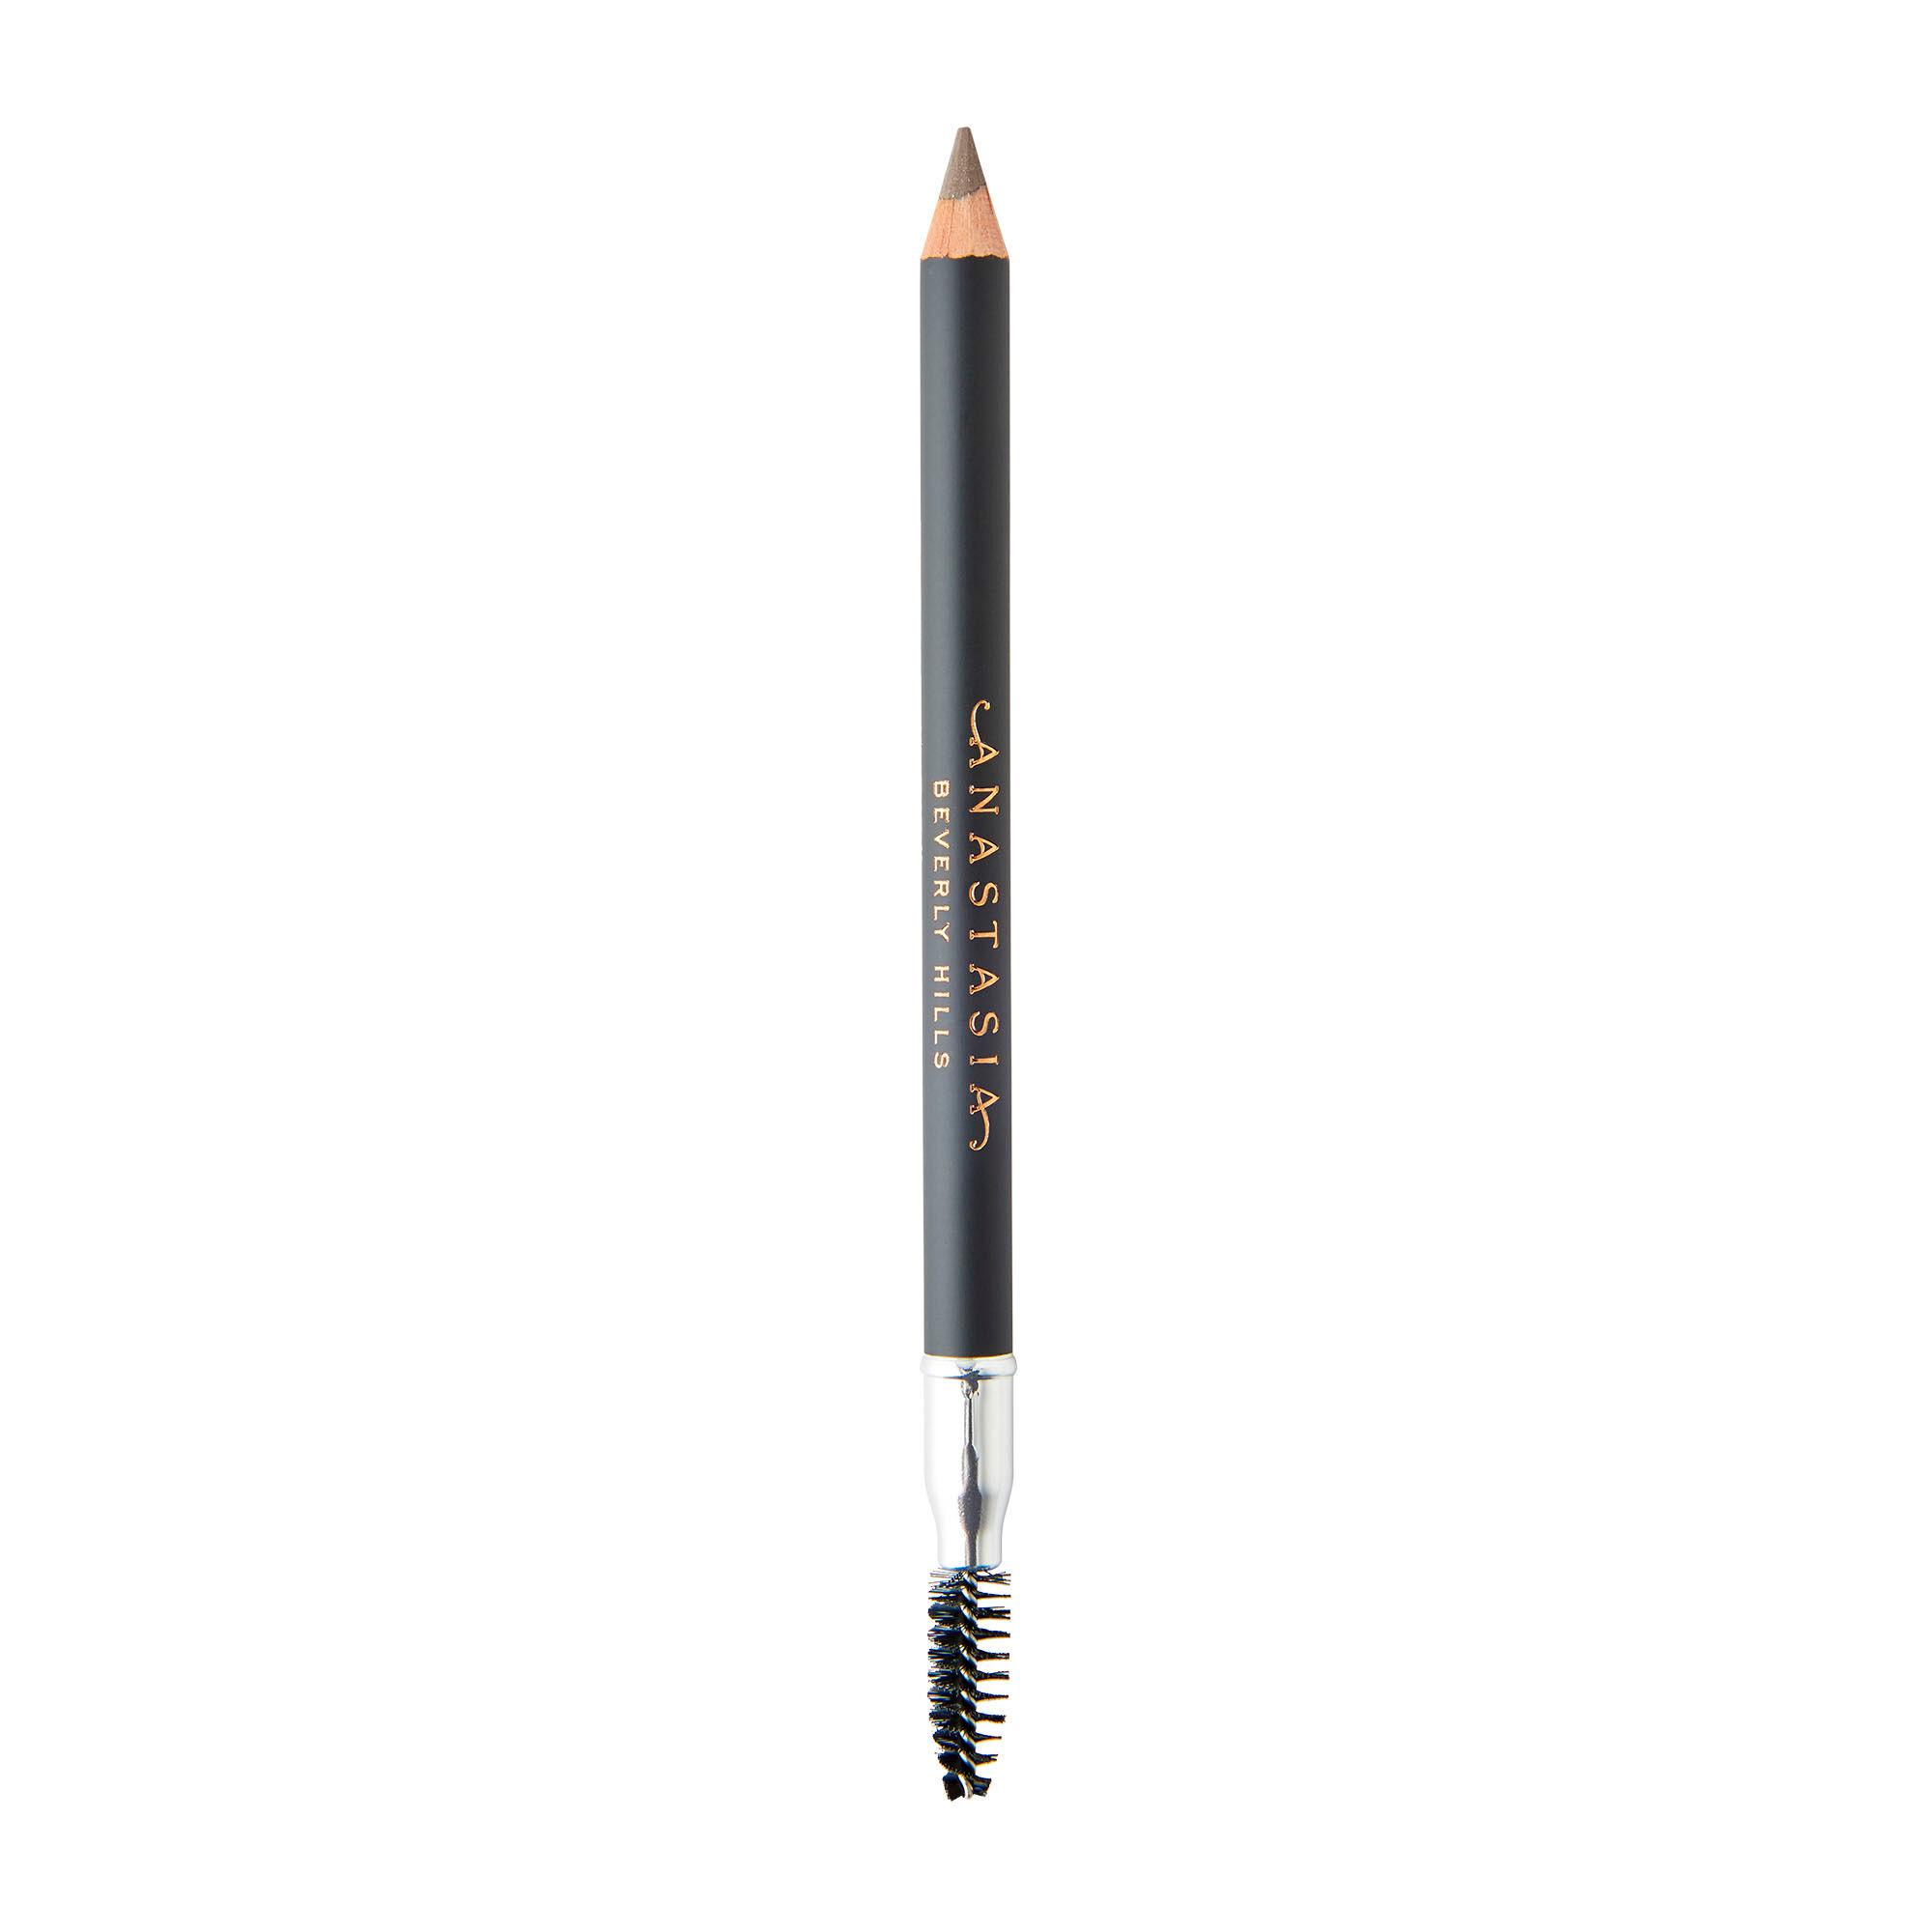 Anastasia Beverly Hills Crayon Perfect Brow Pencil Auburn Caramel 1.05g